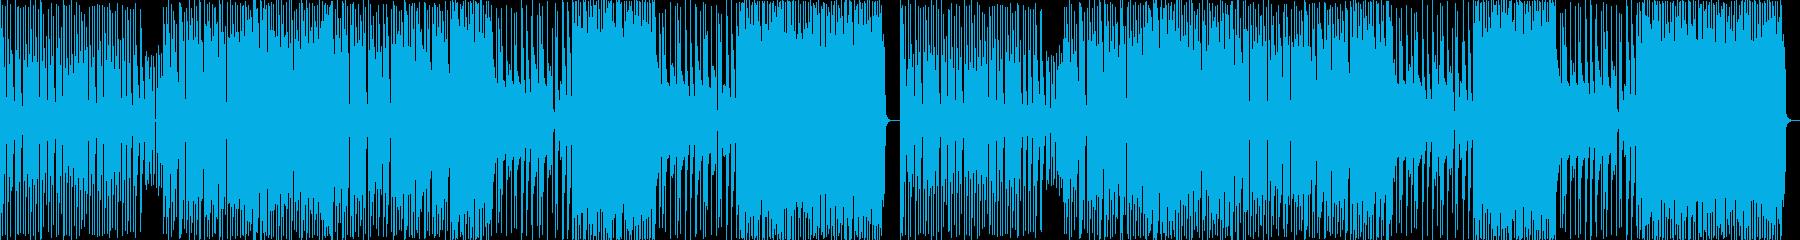 初期ファミコン8bitサウンド【ループ】の再生済みの波形